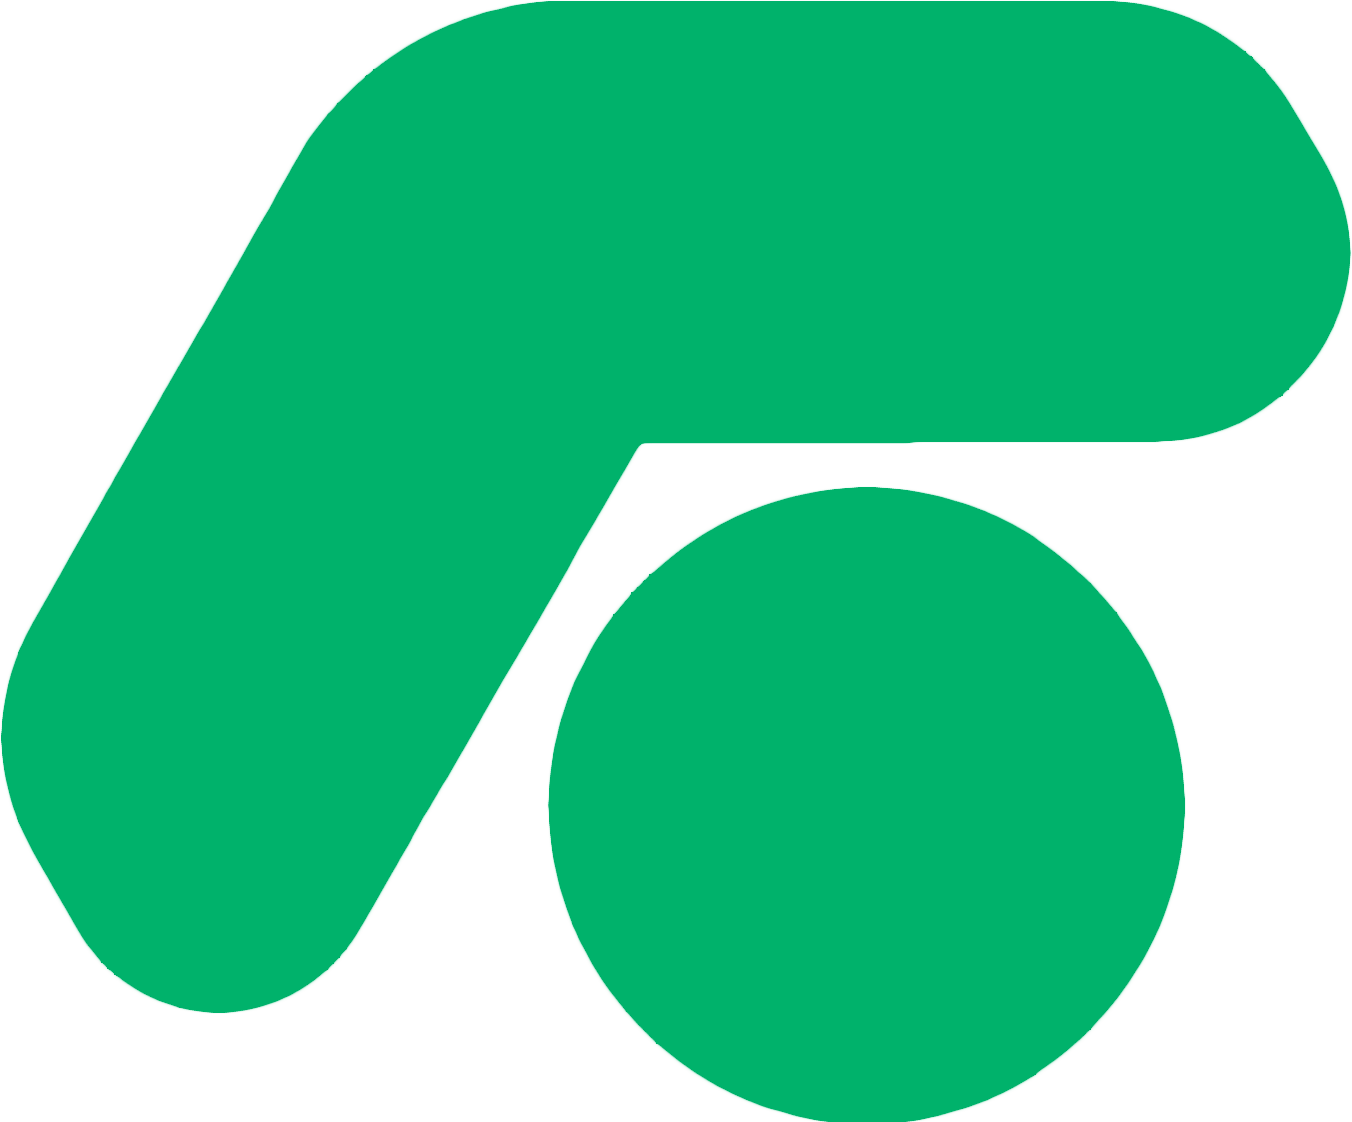 HSA | emblem ksz